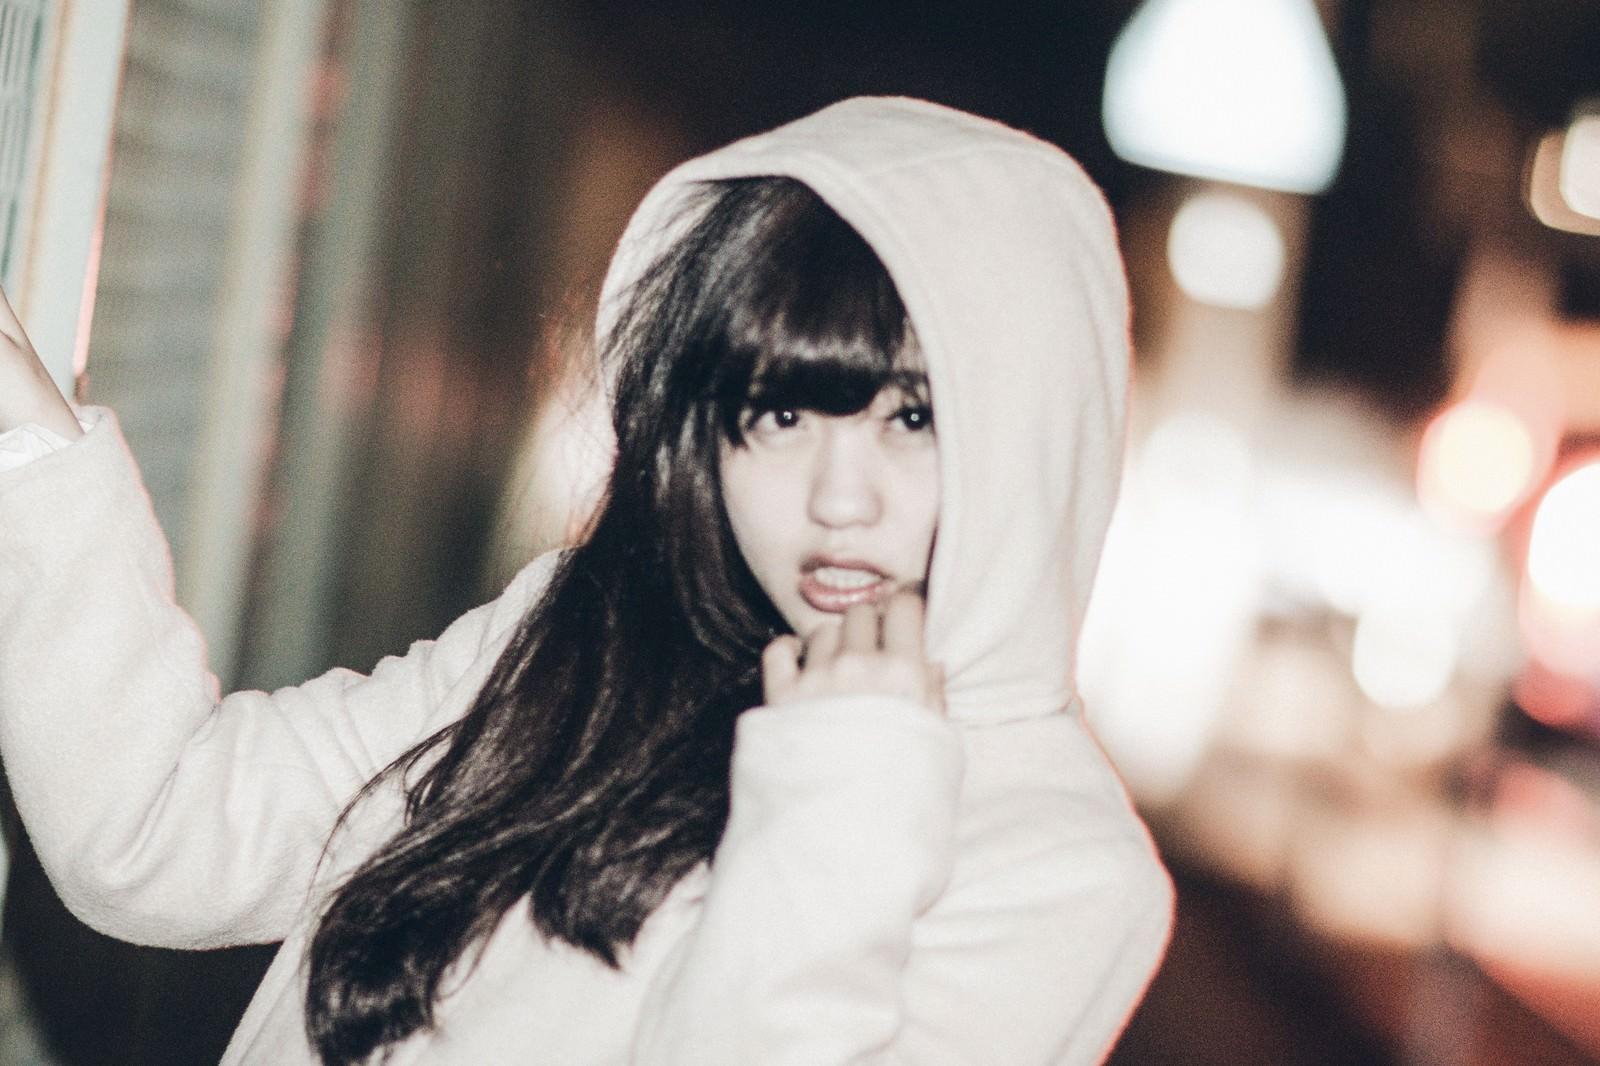 「フード姿のおかぶり女子フード姿のおかぶり女子」[モデル:河村友歌]のフリー写真素材を拡大